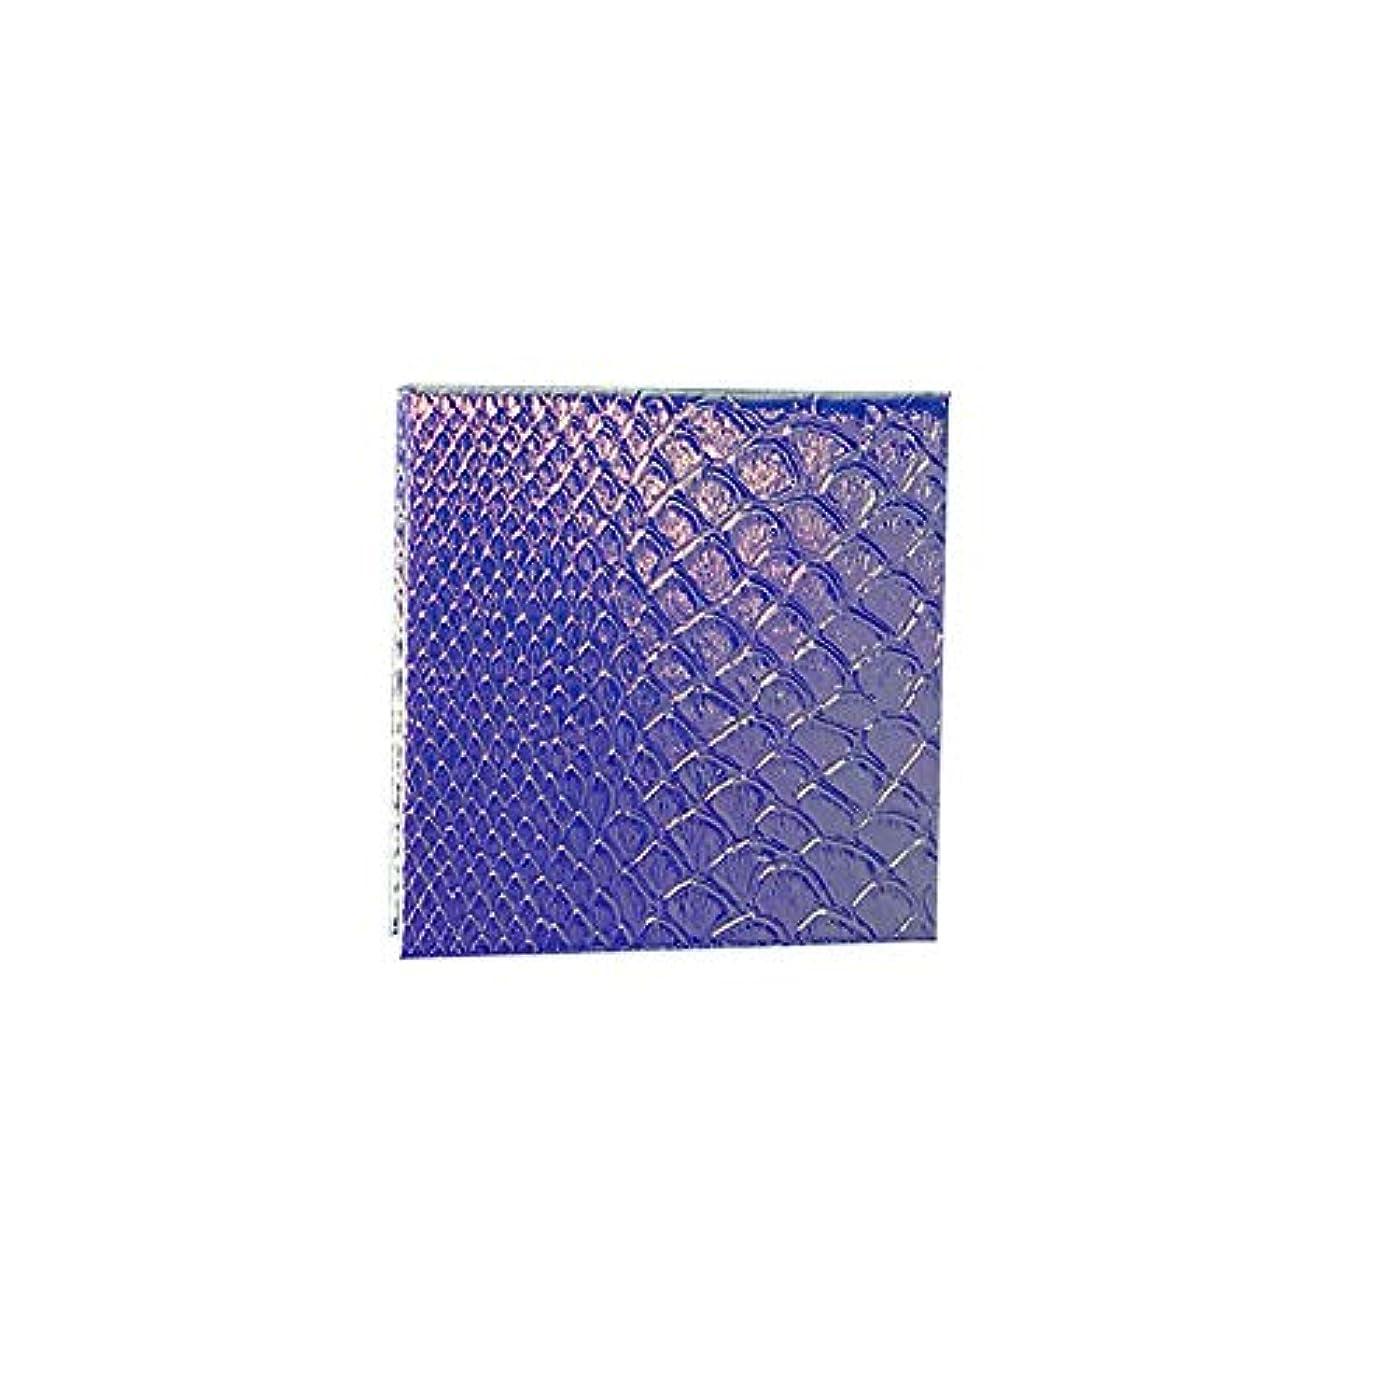 聖なる新鮮な浮く空の化粧アイシャドーパレット磁気空パレット接着剤空のパレット金属ステッカー空のパレットキット(S)